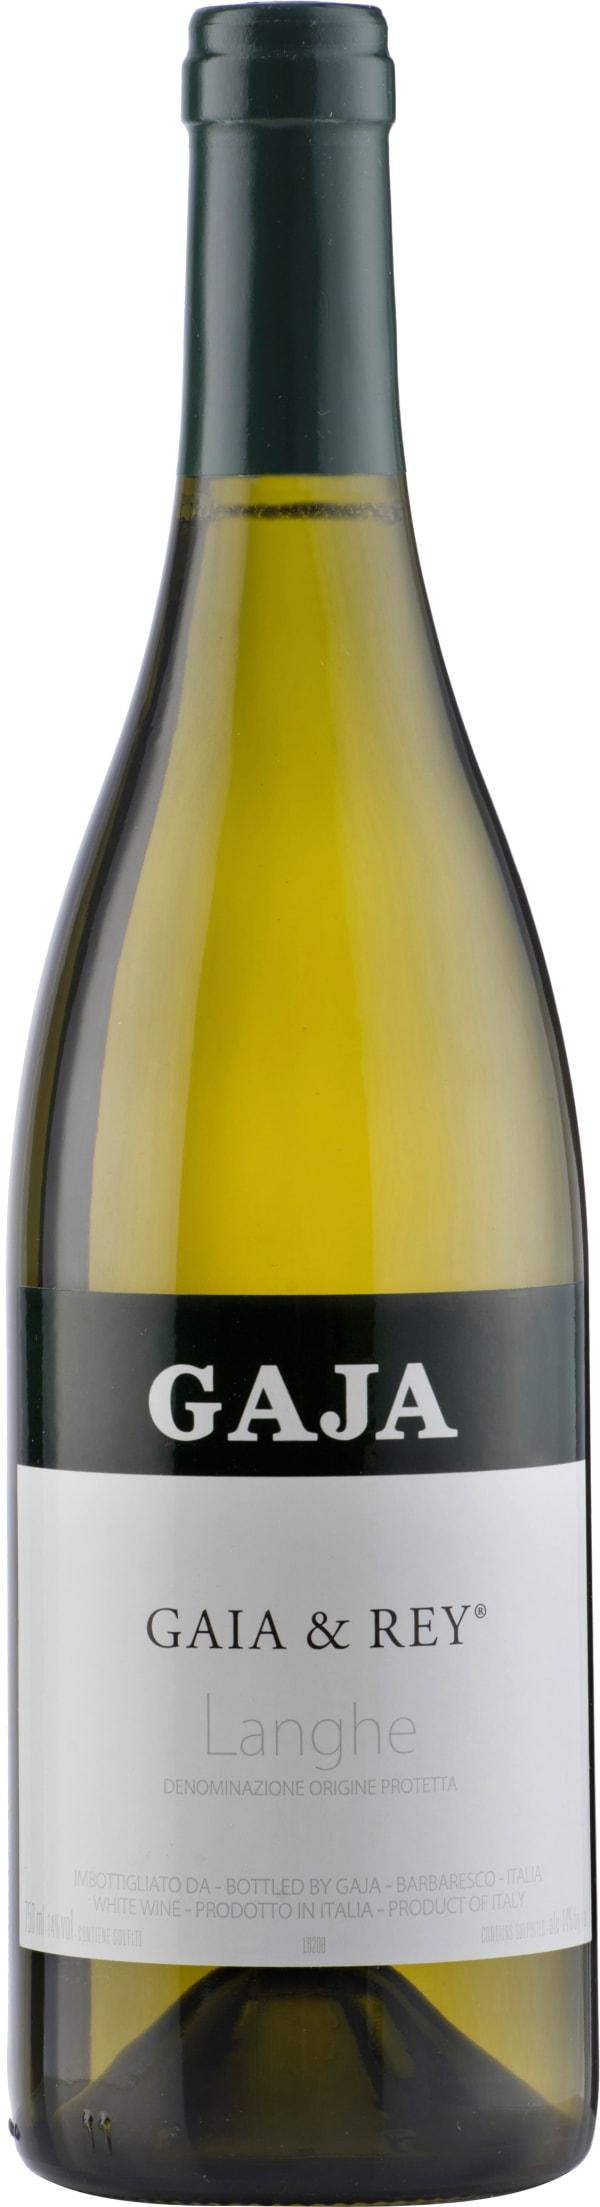 Gaja Gaia & Rey 2017